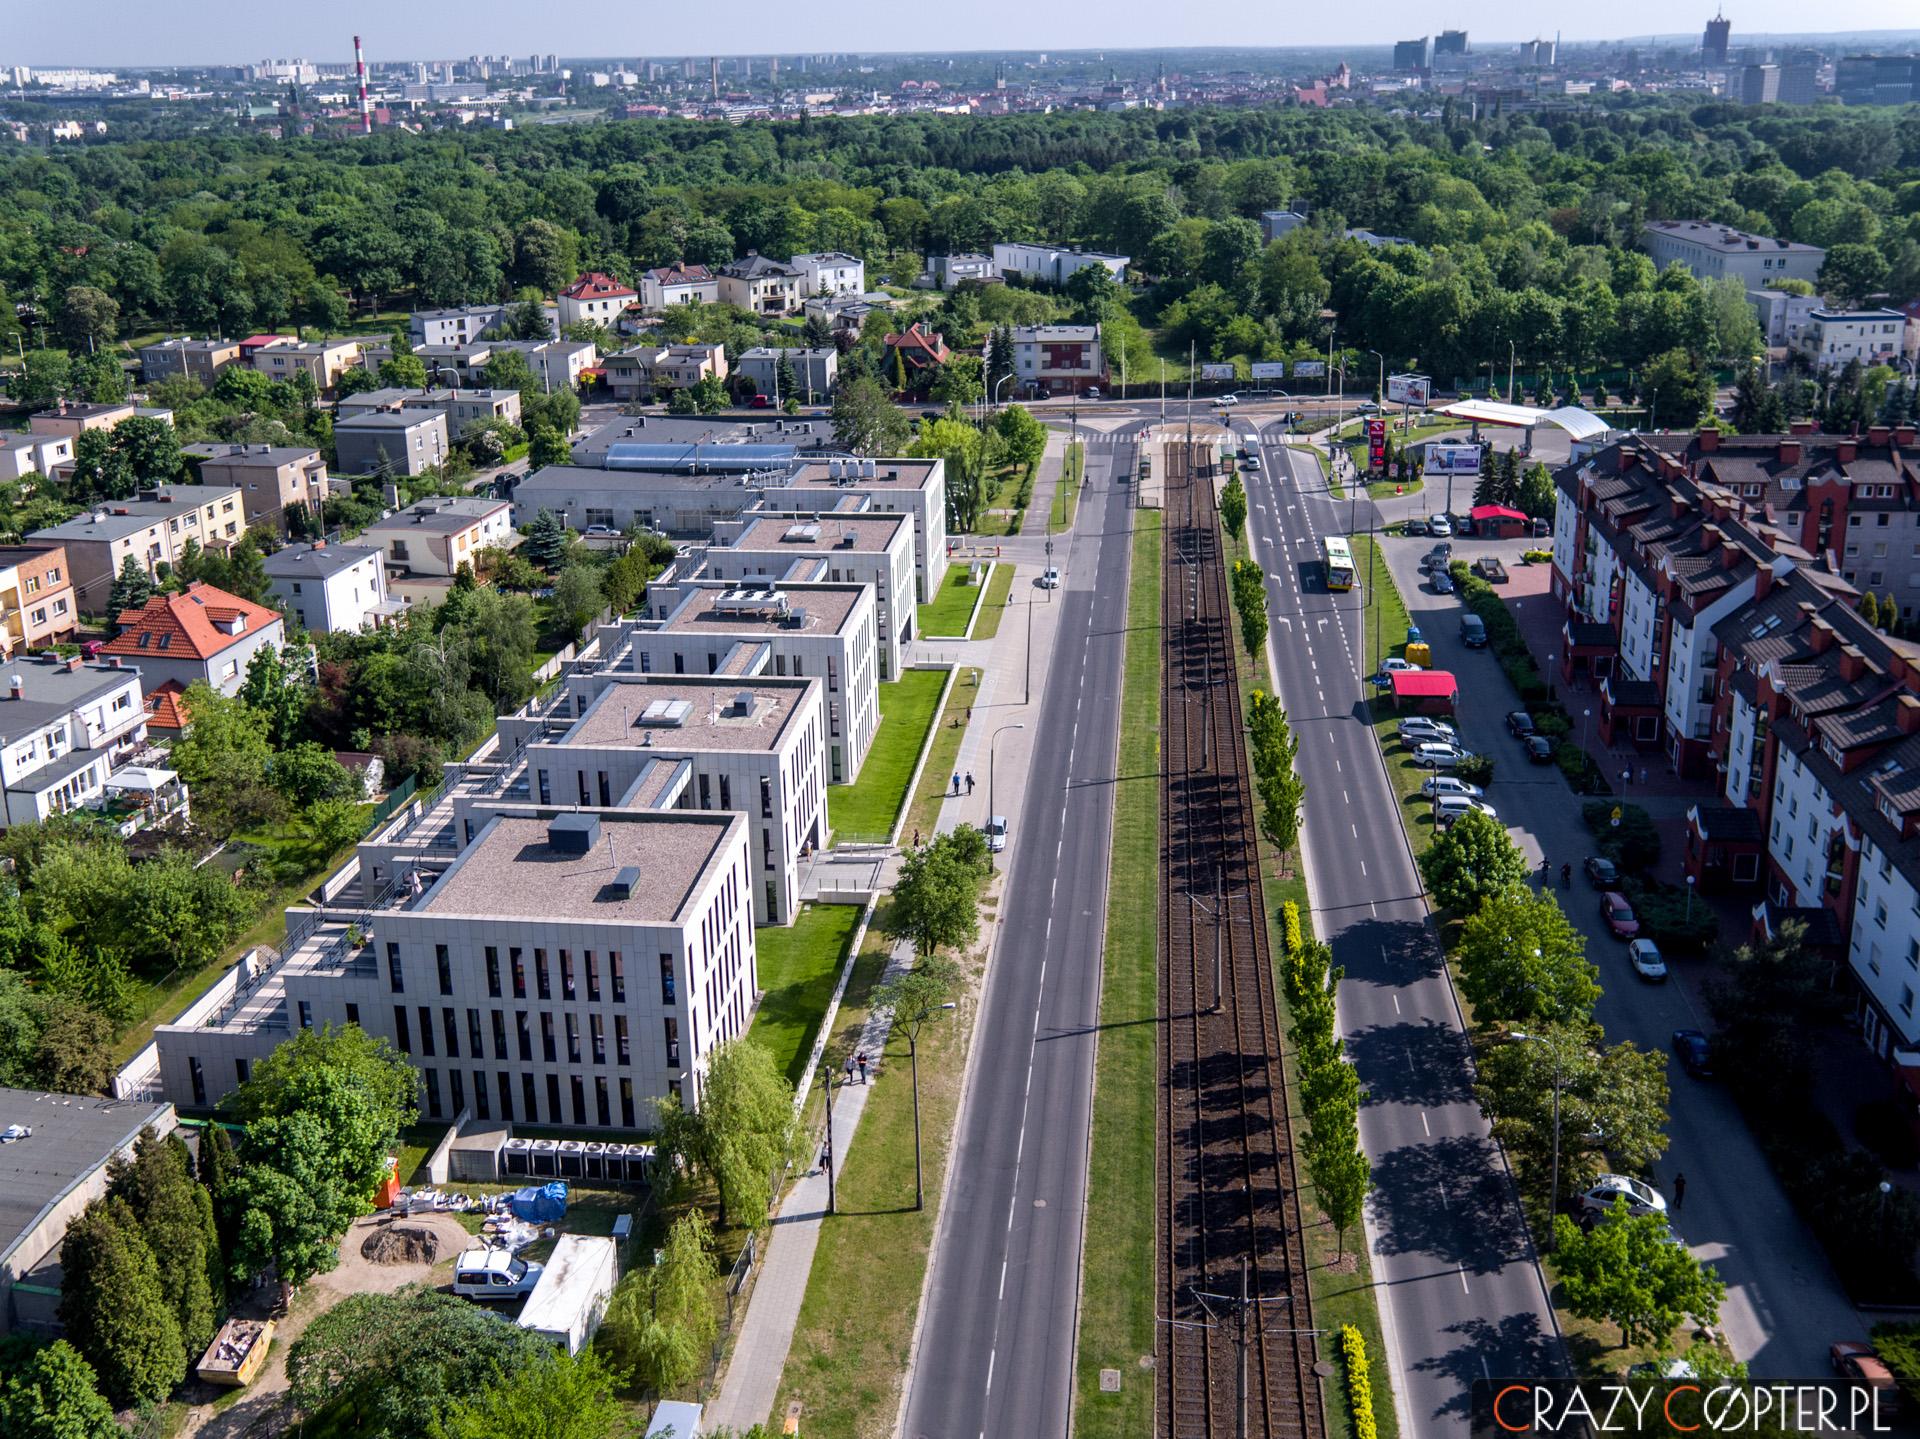 Zdjęcia nieruchomości z drona pokazują nie tylko budynek, ale i atrakcyjne otoczenie. Tutaj linia tramwajowa wraz z przystankiem autobusowym oraz zielenią w postaci parku miejskiego.